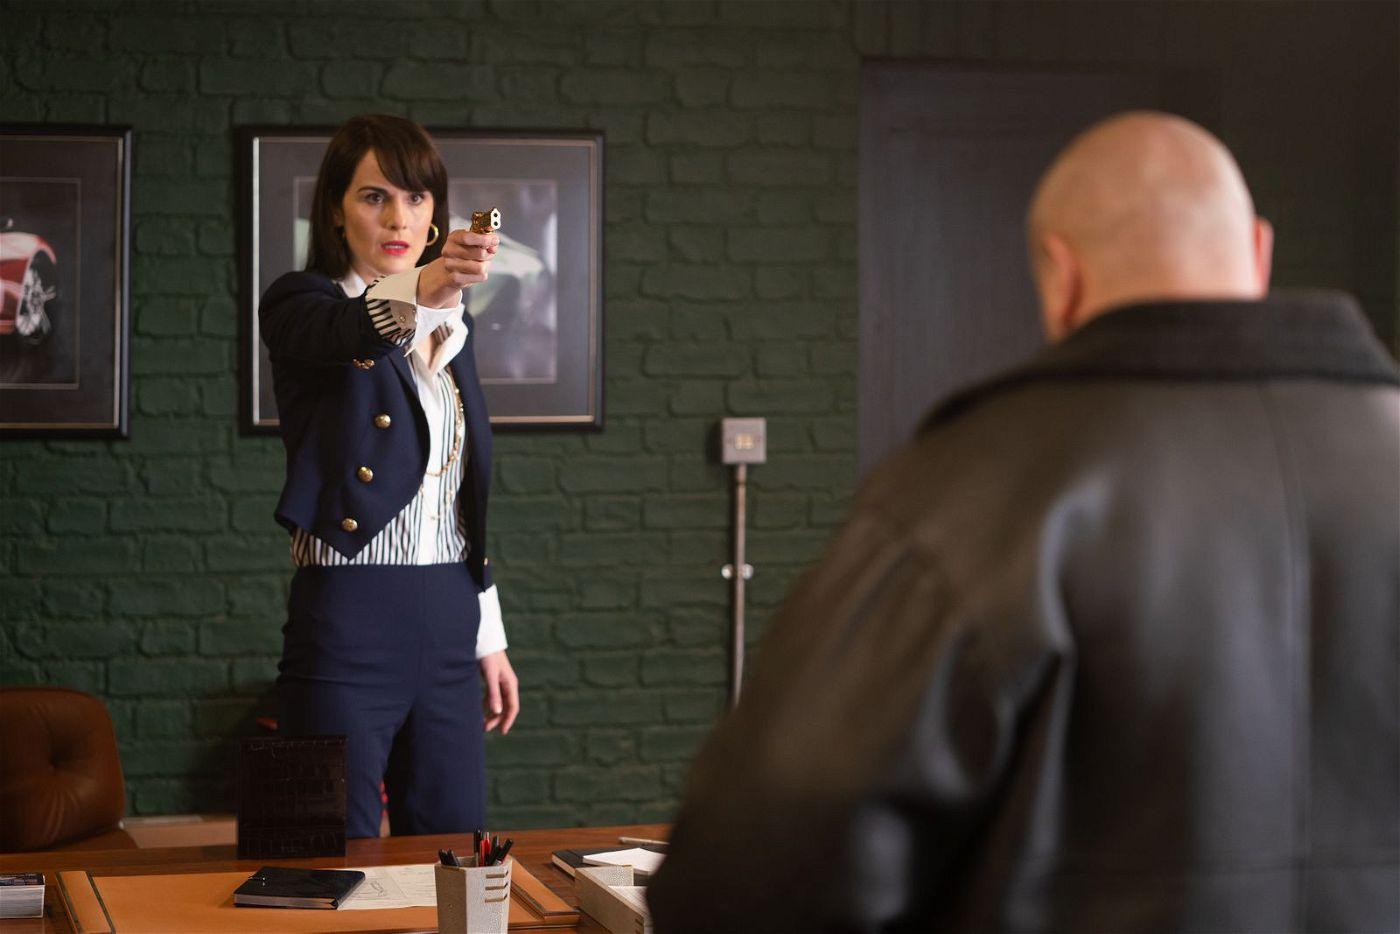 Mickeys Frau Rosalind (Michelle Dockery) ist mindestens so tough wie ihr Mann.